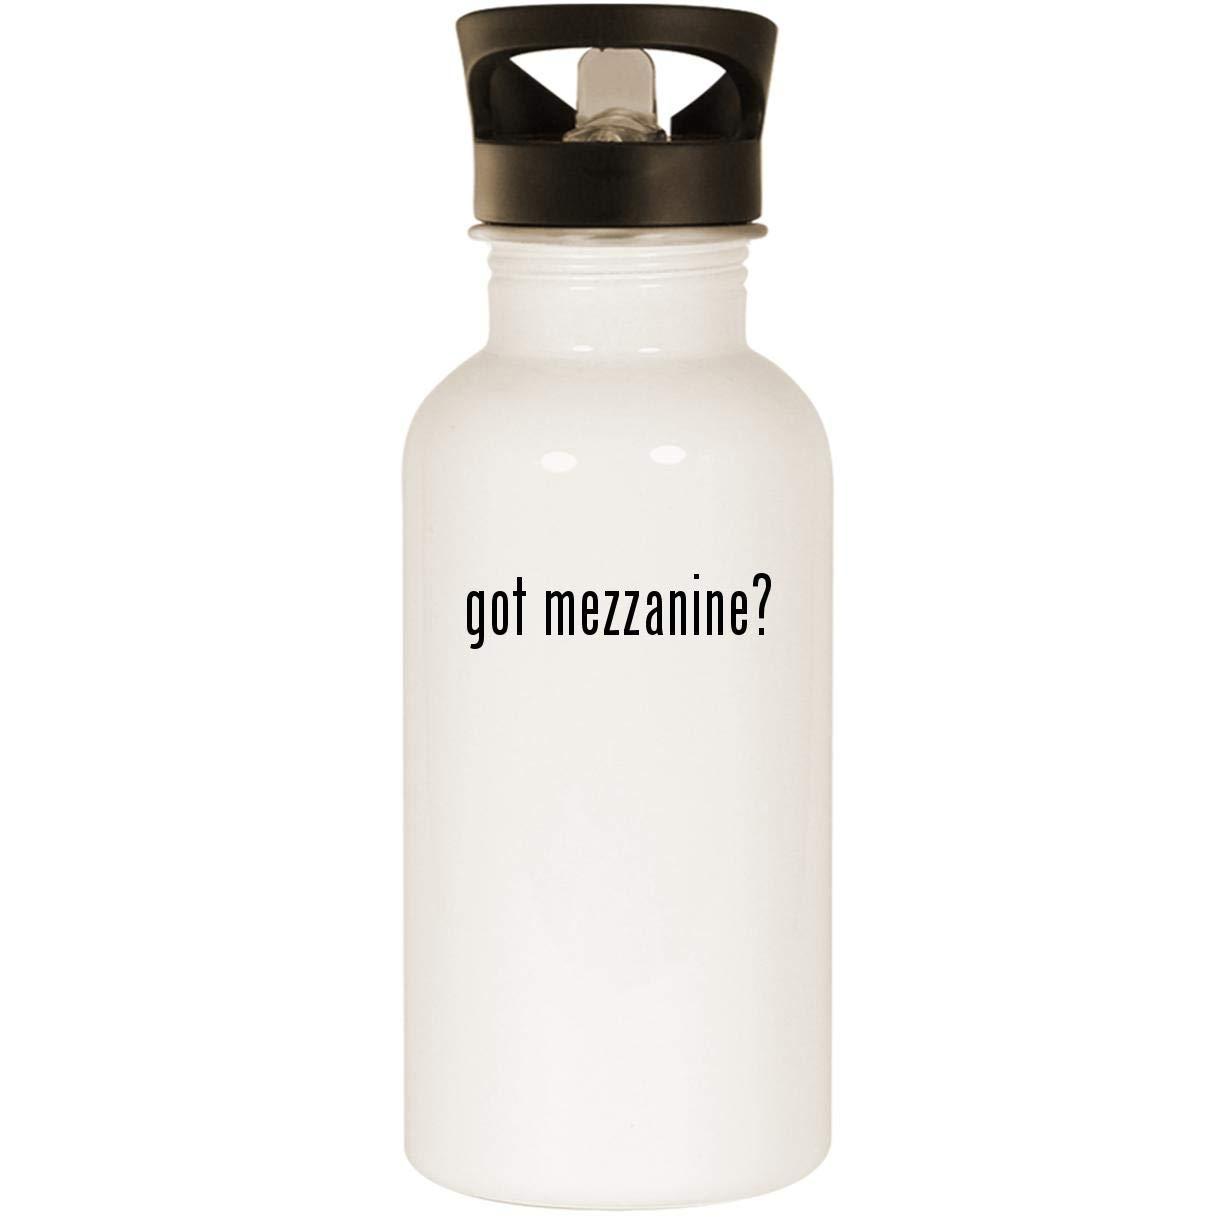 got mezzanine? - Stainless Steel 20oz Road Ready Water Bottle, White